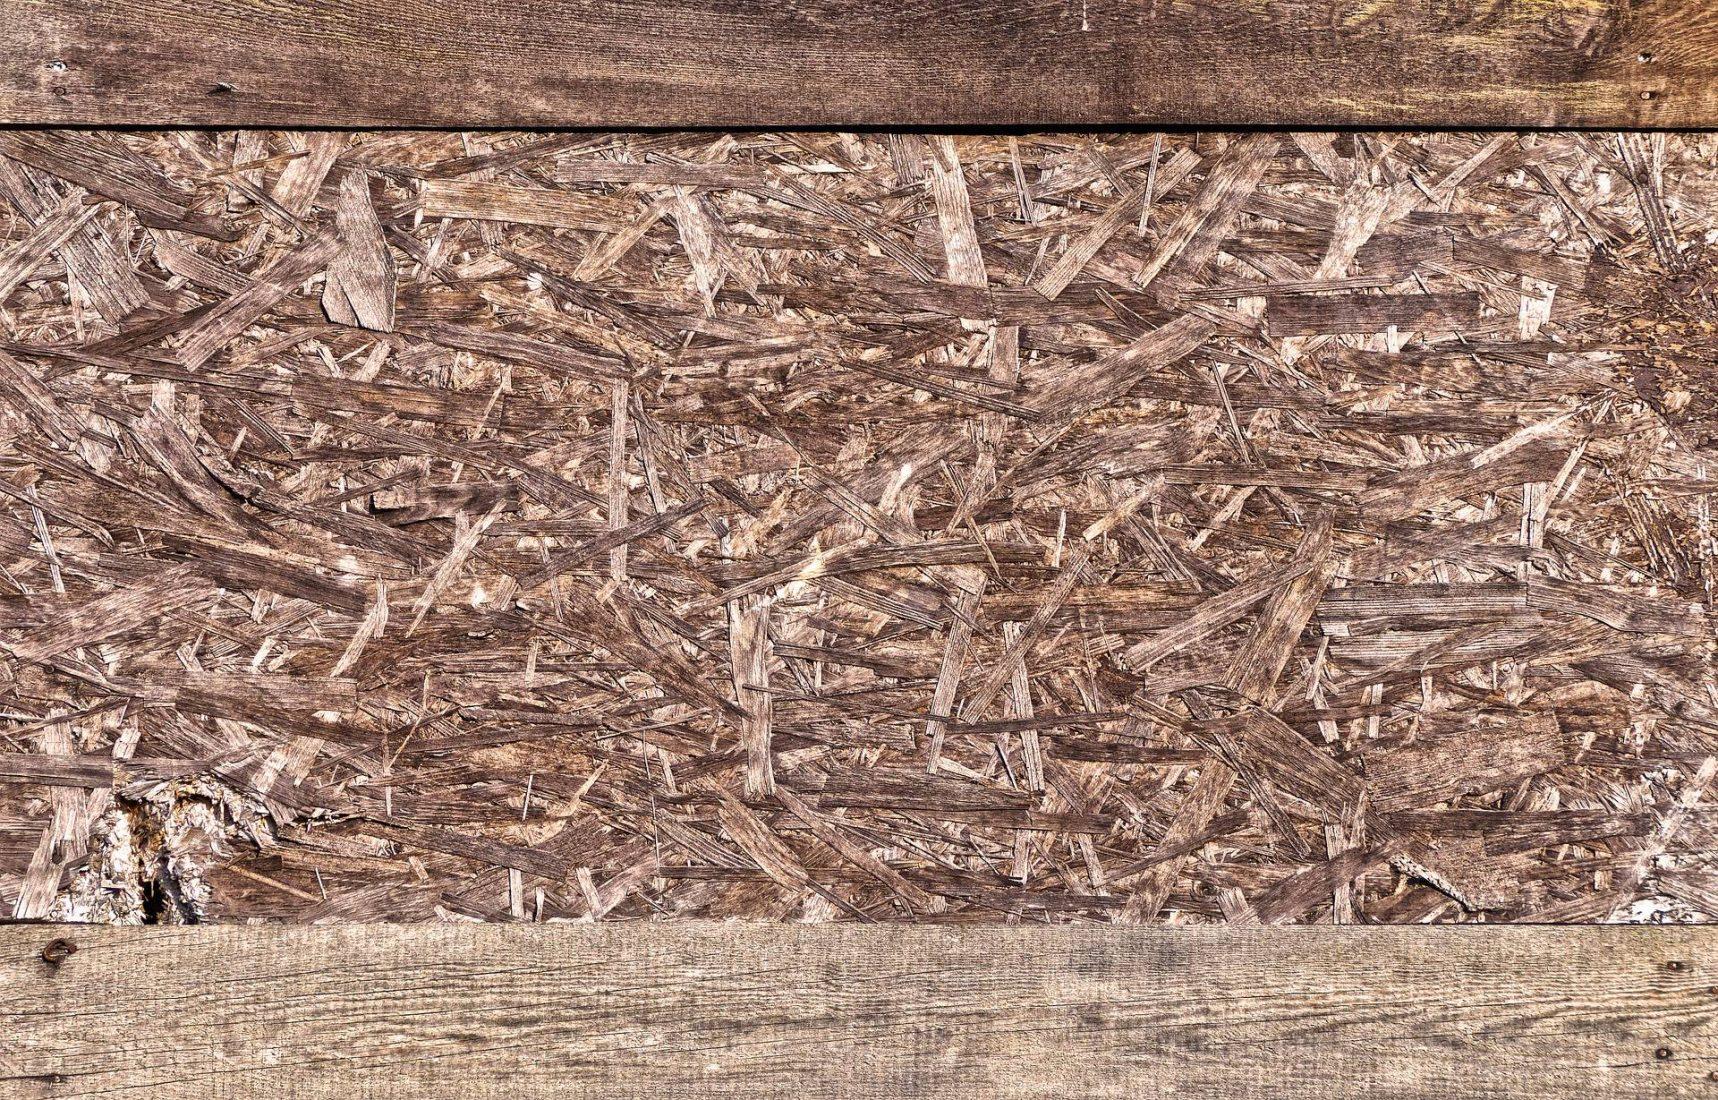 Spanplatten werden durch Bindemittel zusammengehalten und verfügen meist über Deckschichten. Foto: Pixabay